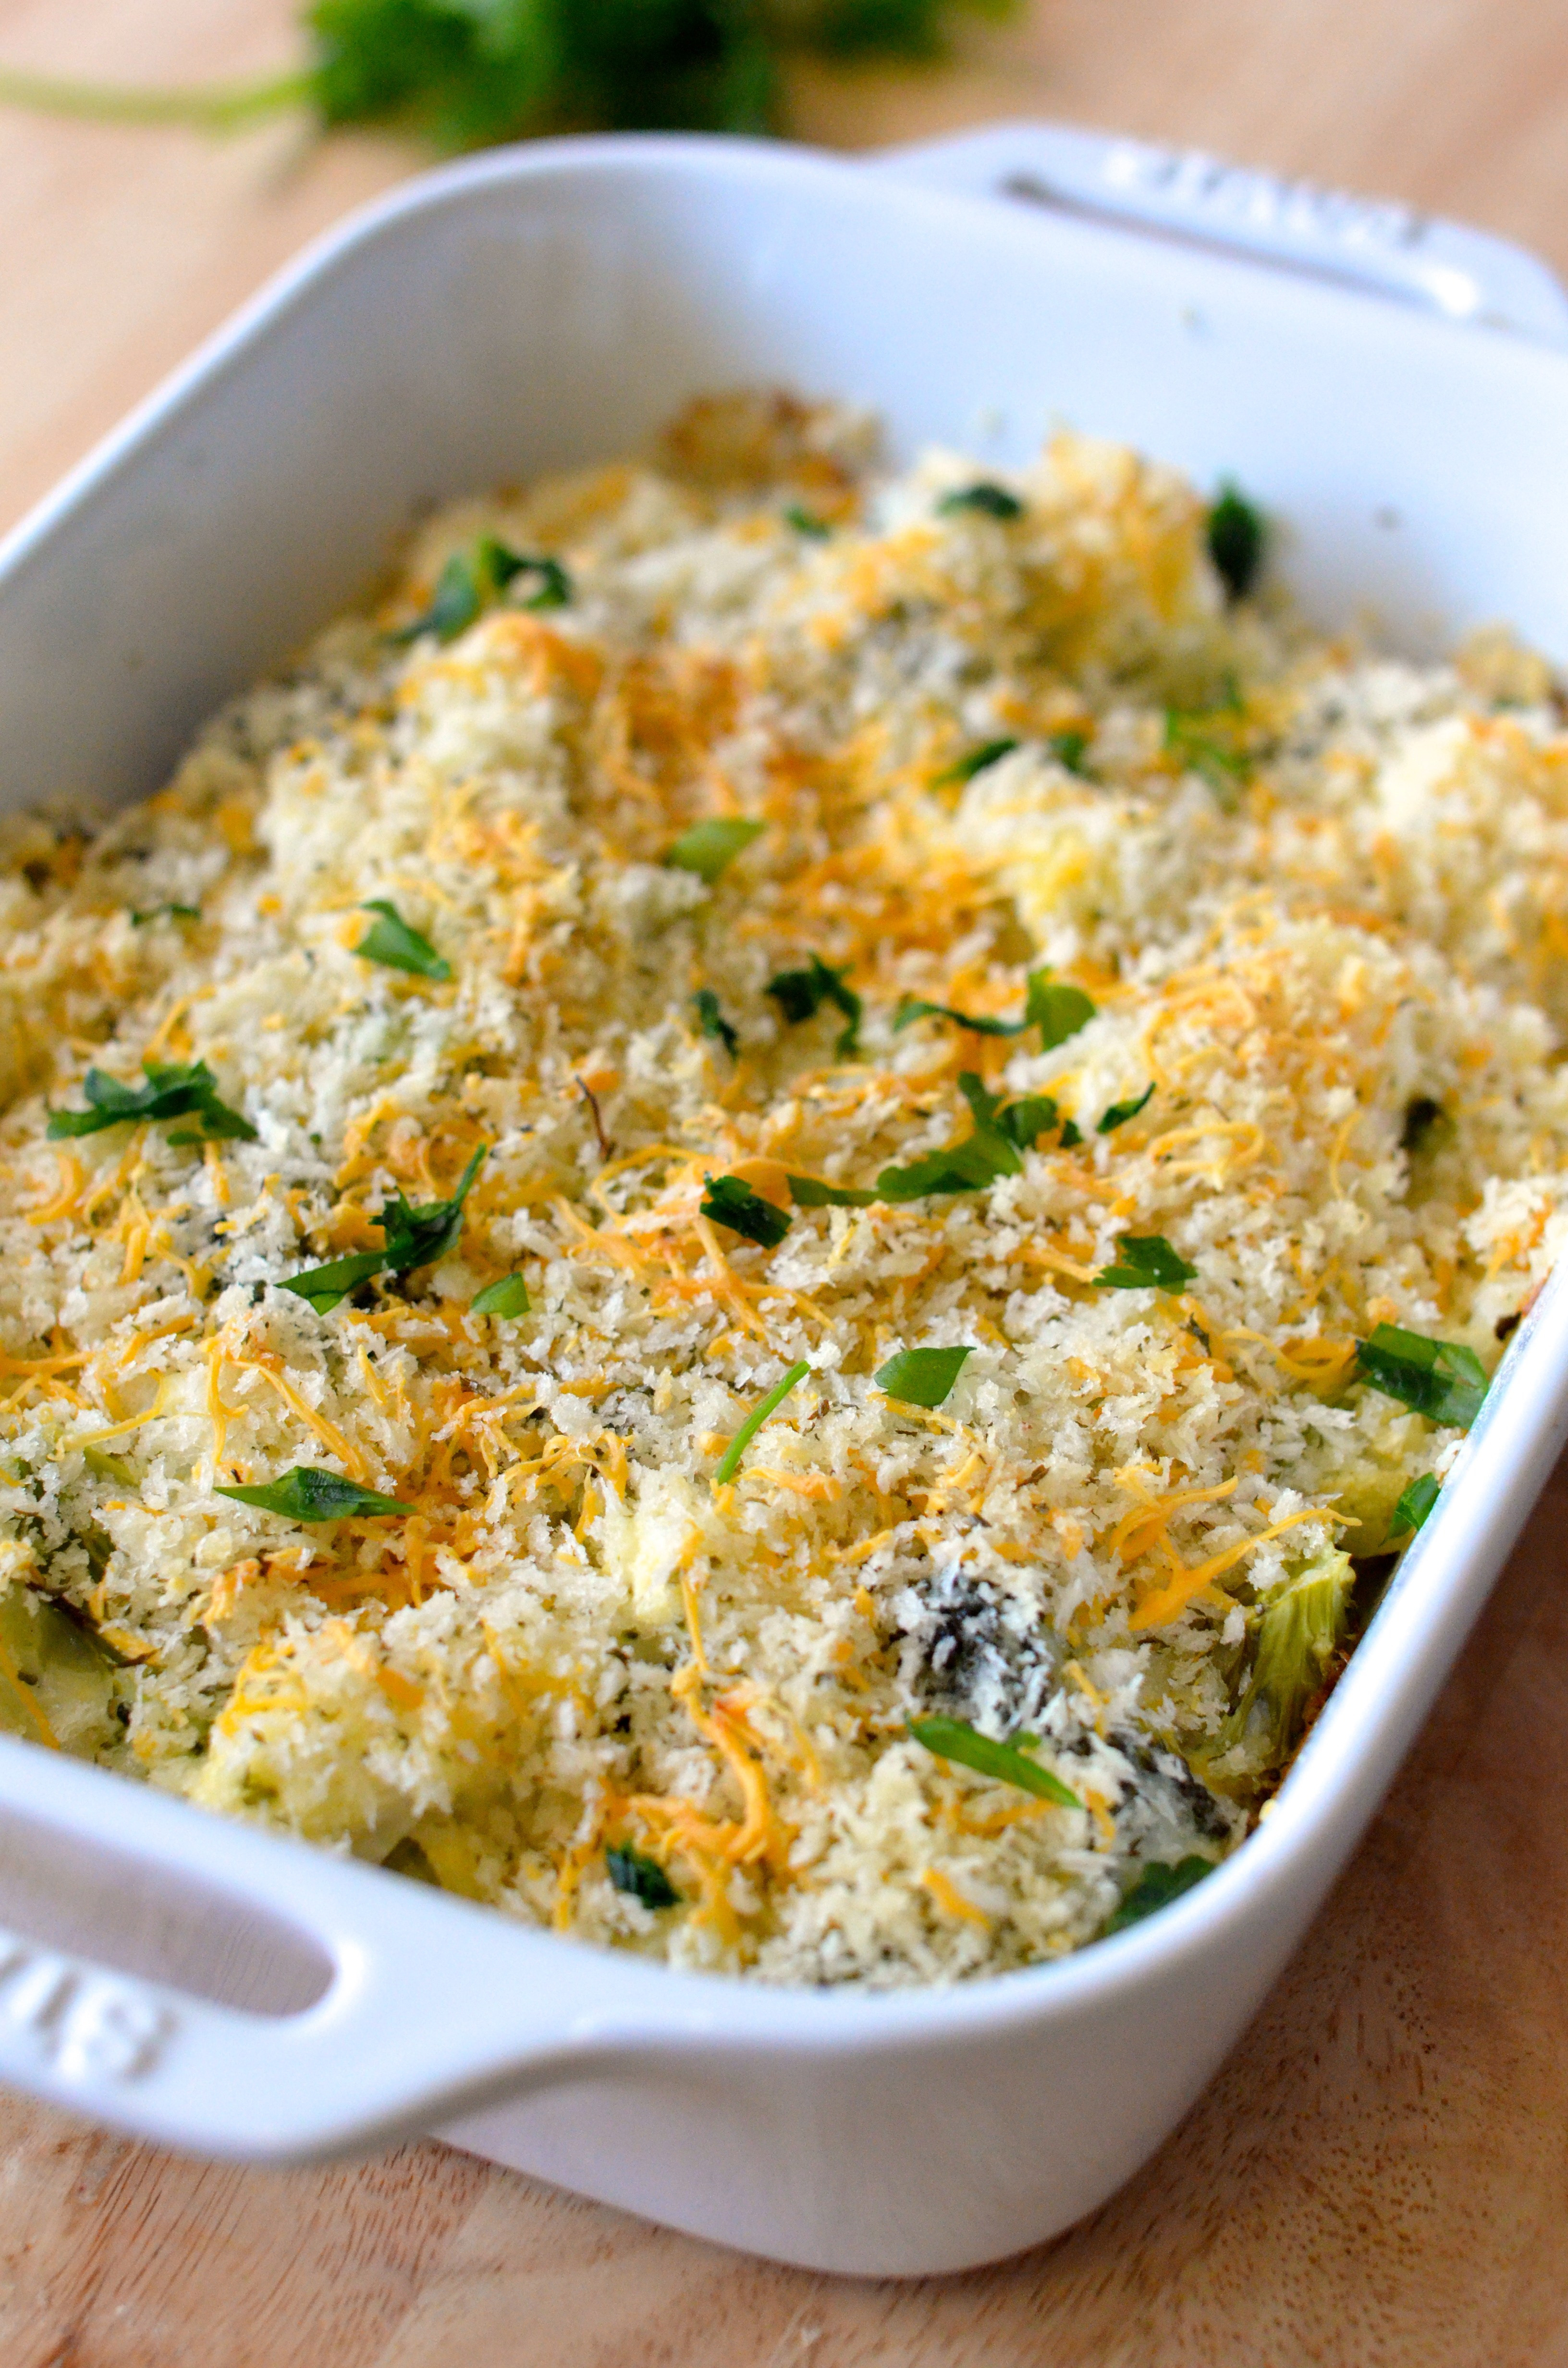 Broccoli Cauliflower Casserole  Cheesy Broccoli Cauliflower Bake Apple of My Eye